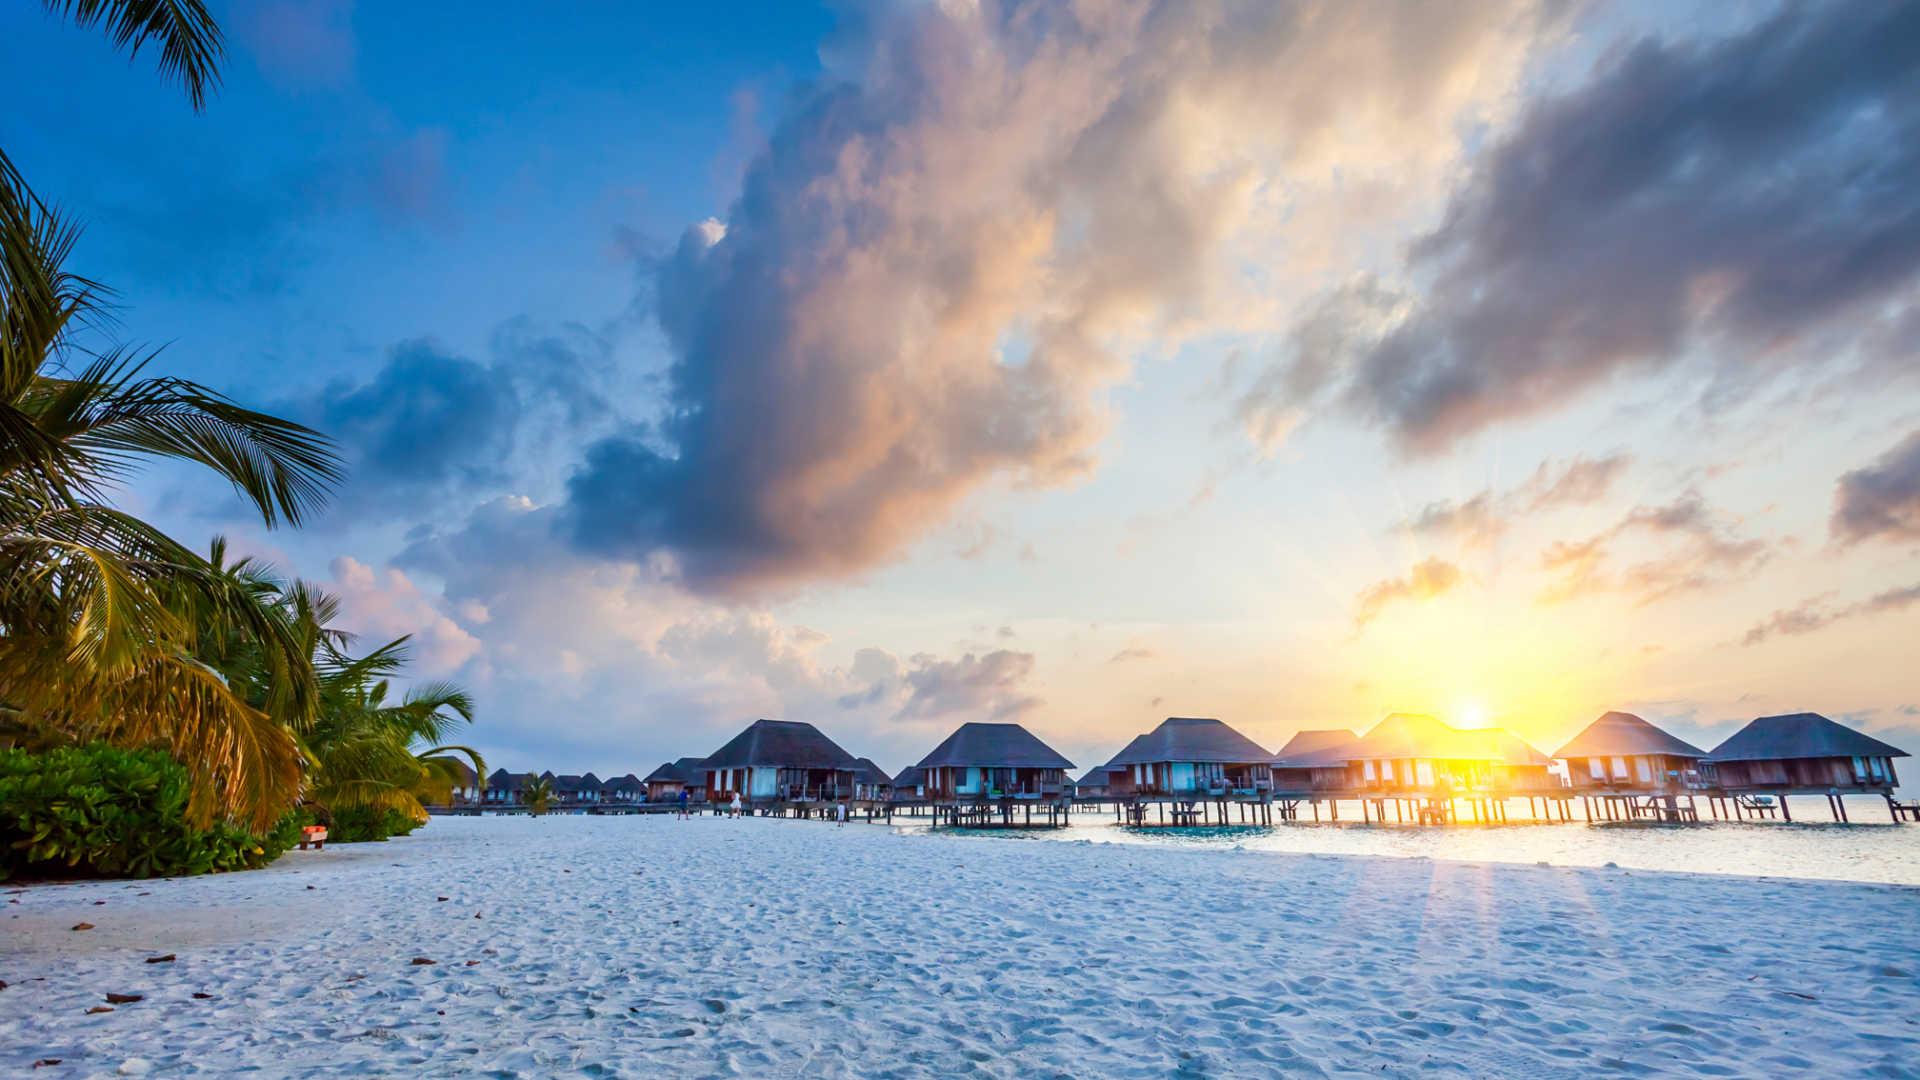 افضل الجزر لقضاء الشتاء في المالديف (3)